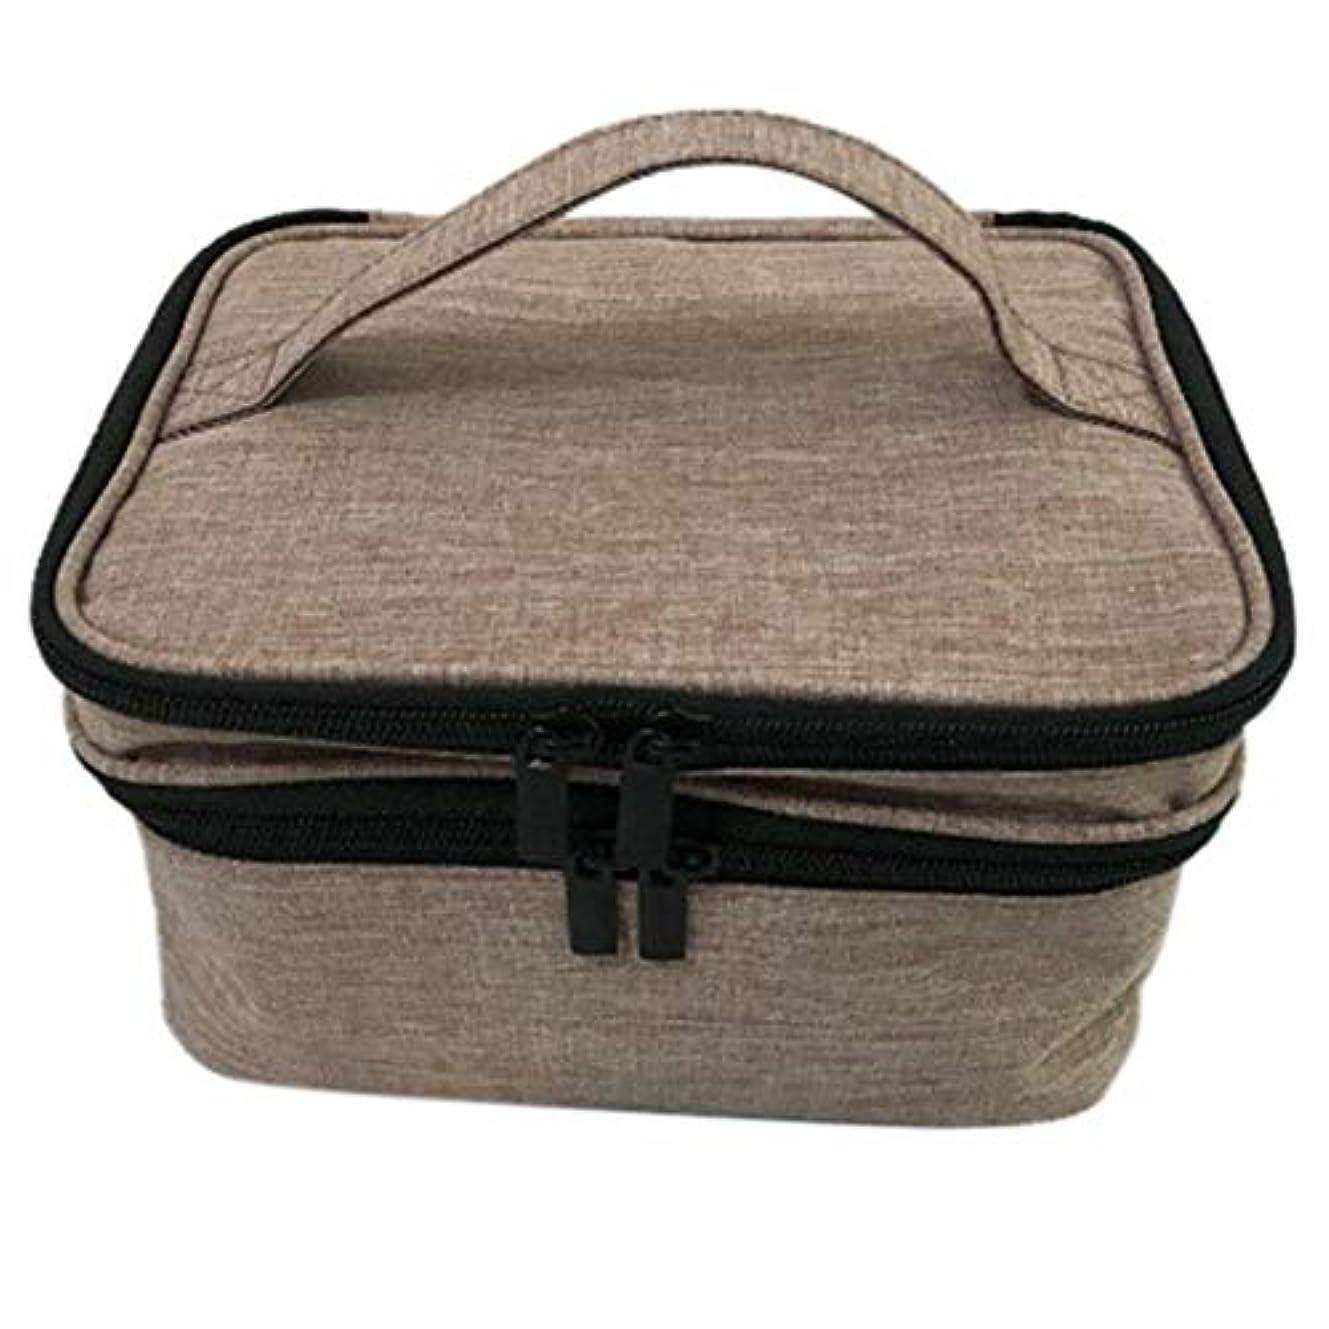 悩み気味の悪い特定の収納バッグ 30格 仕切り エッセンシャルオイル 精油 保管袋 収納ボックス 収納ケース 精油ケース 香水収納バッグ 不織布 携帯便利 耐震 30本用 (5ml~30ml)